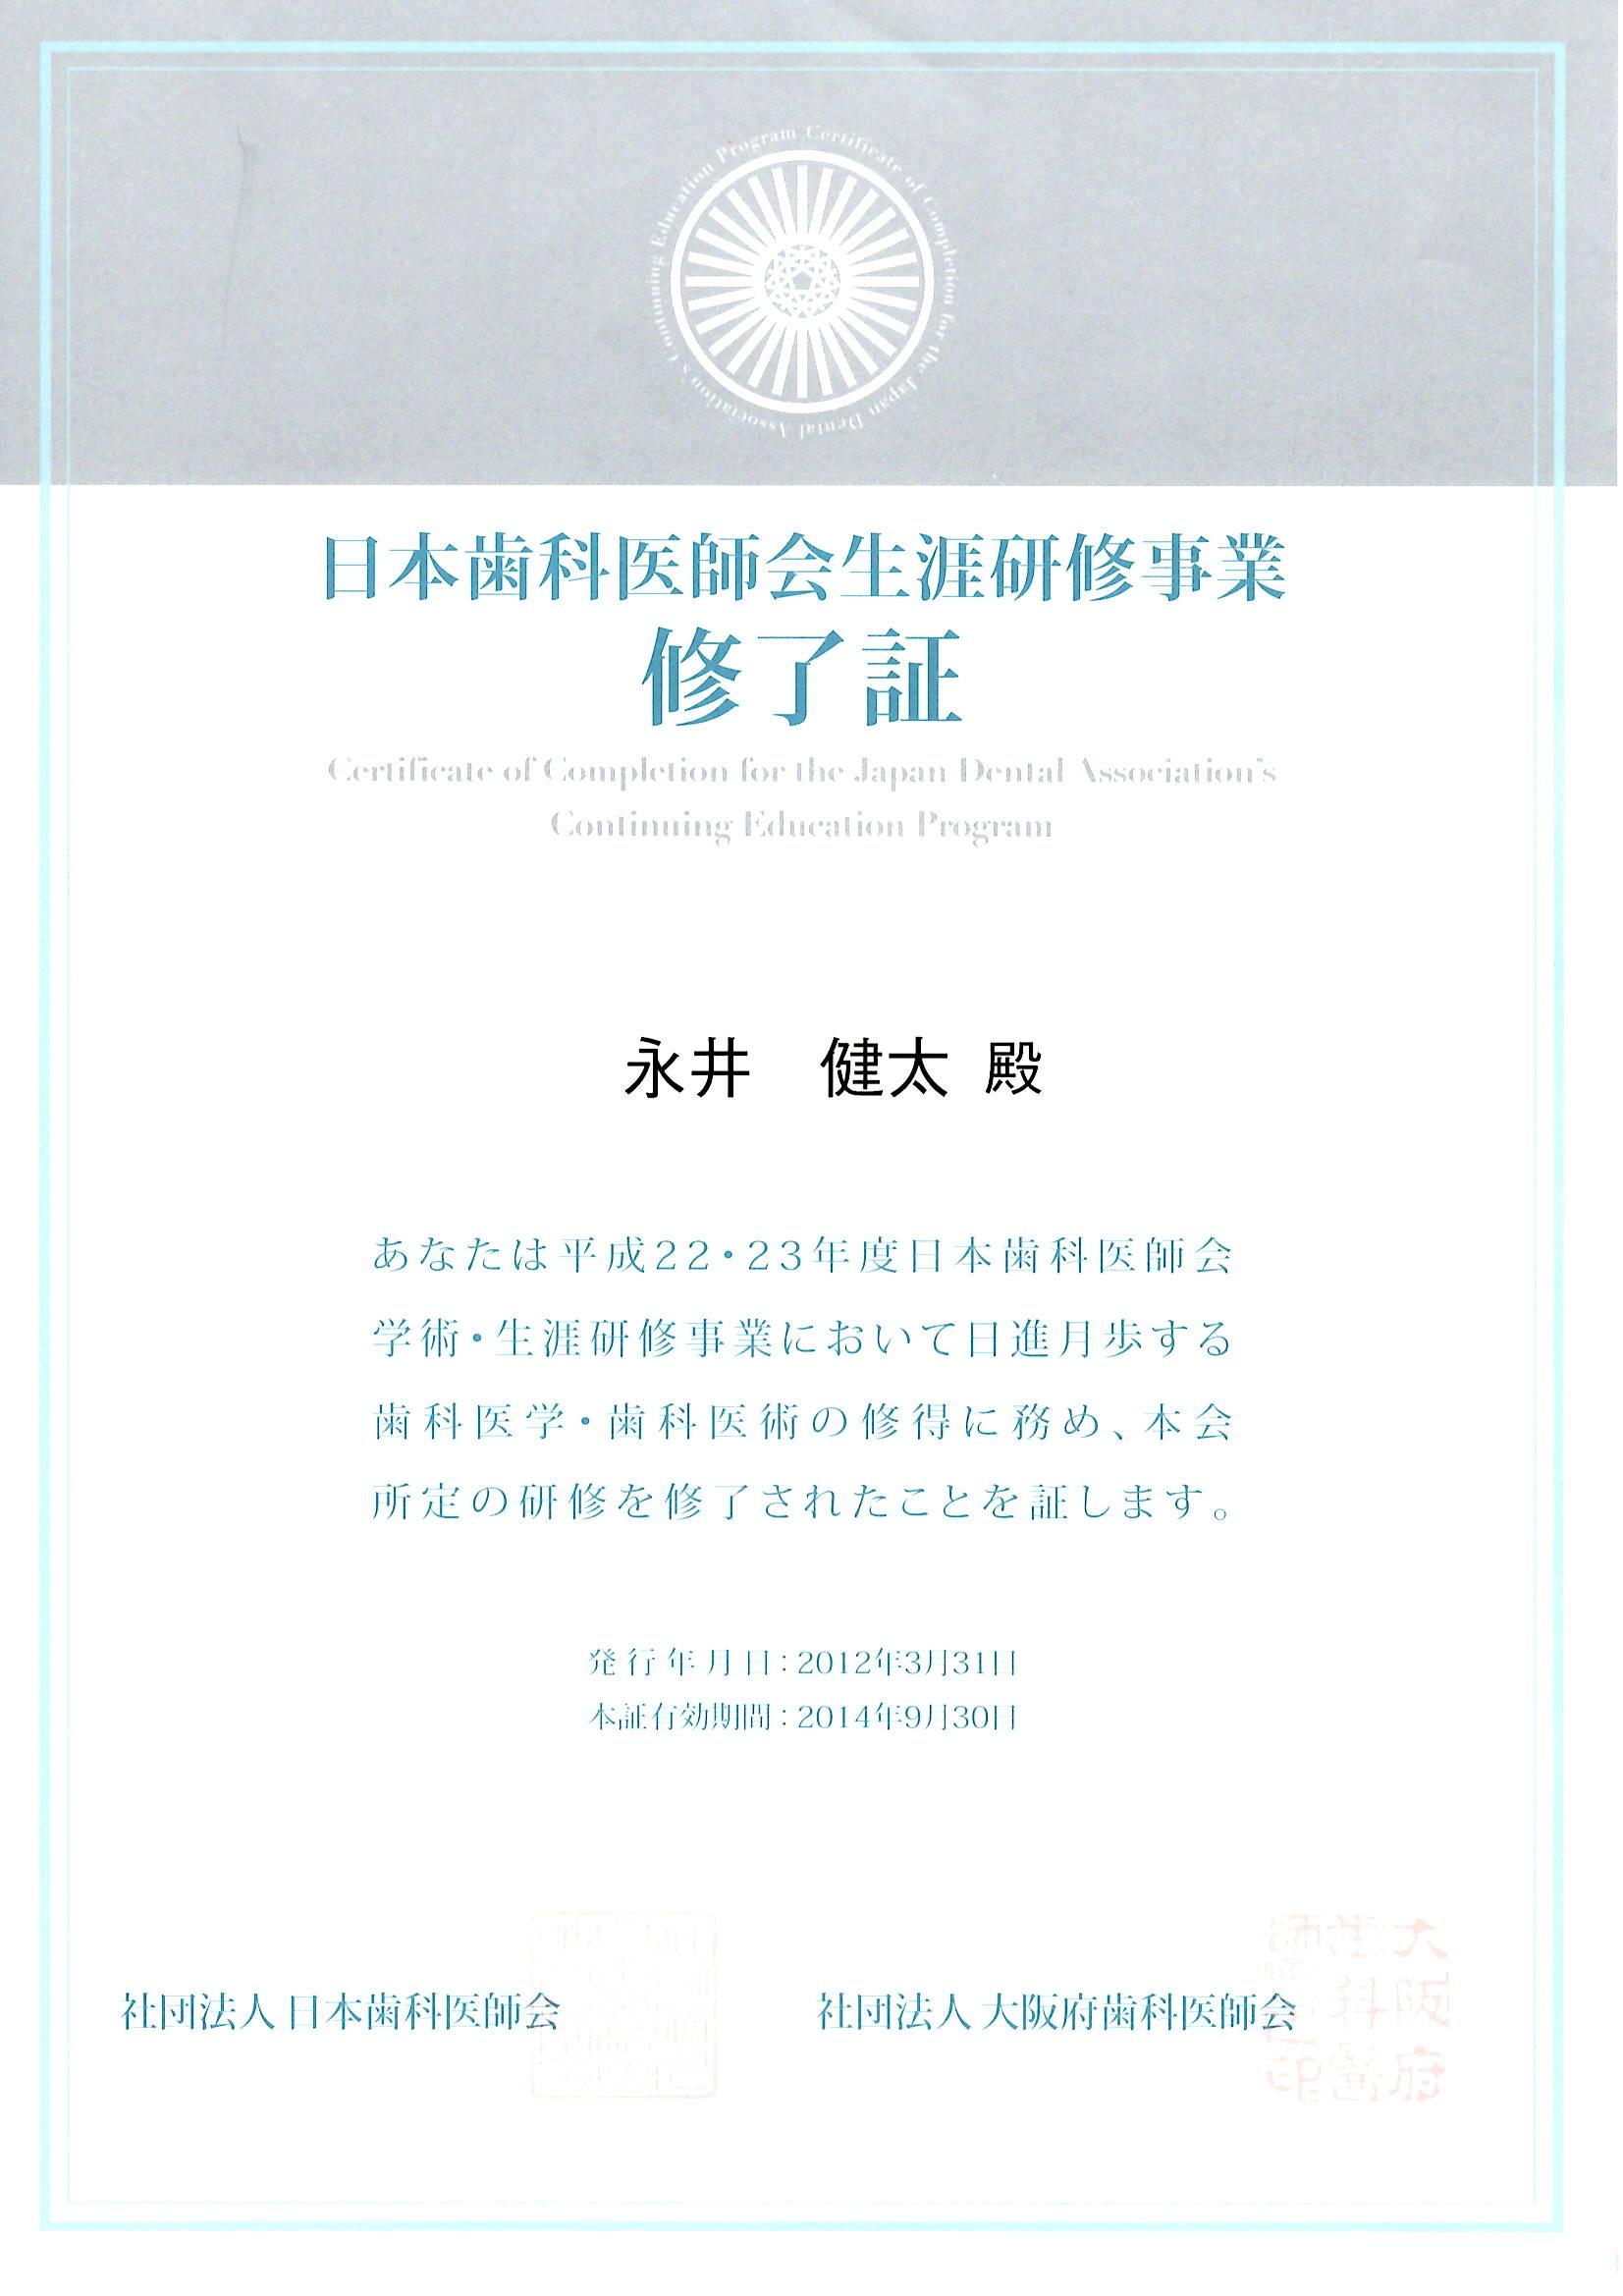 歯科 保険 府 協会 大阪 医